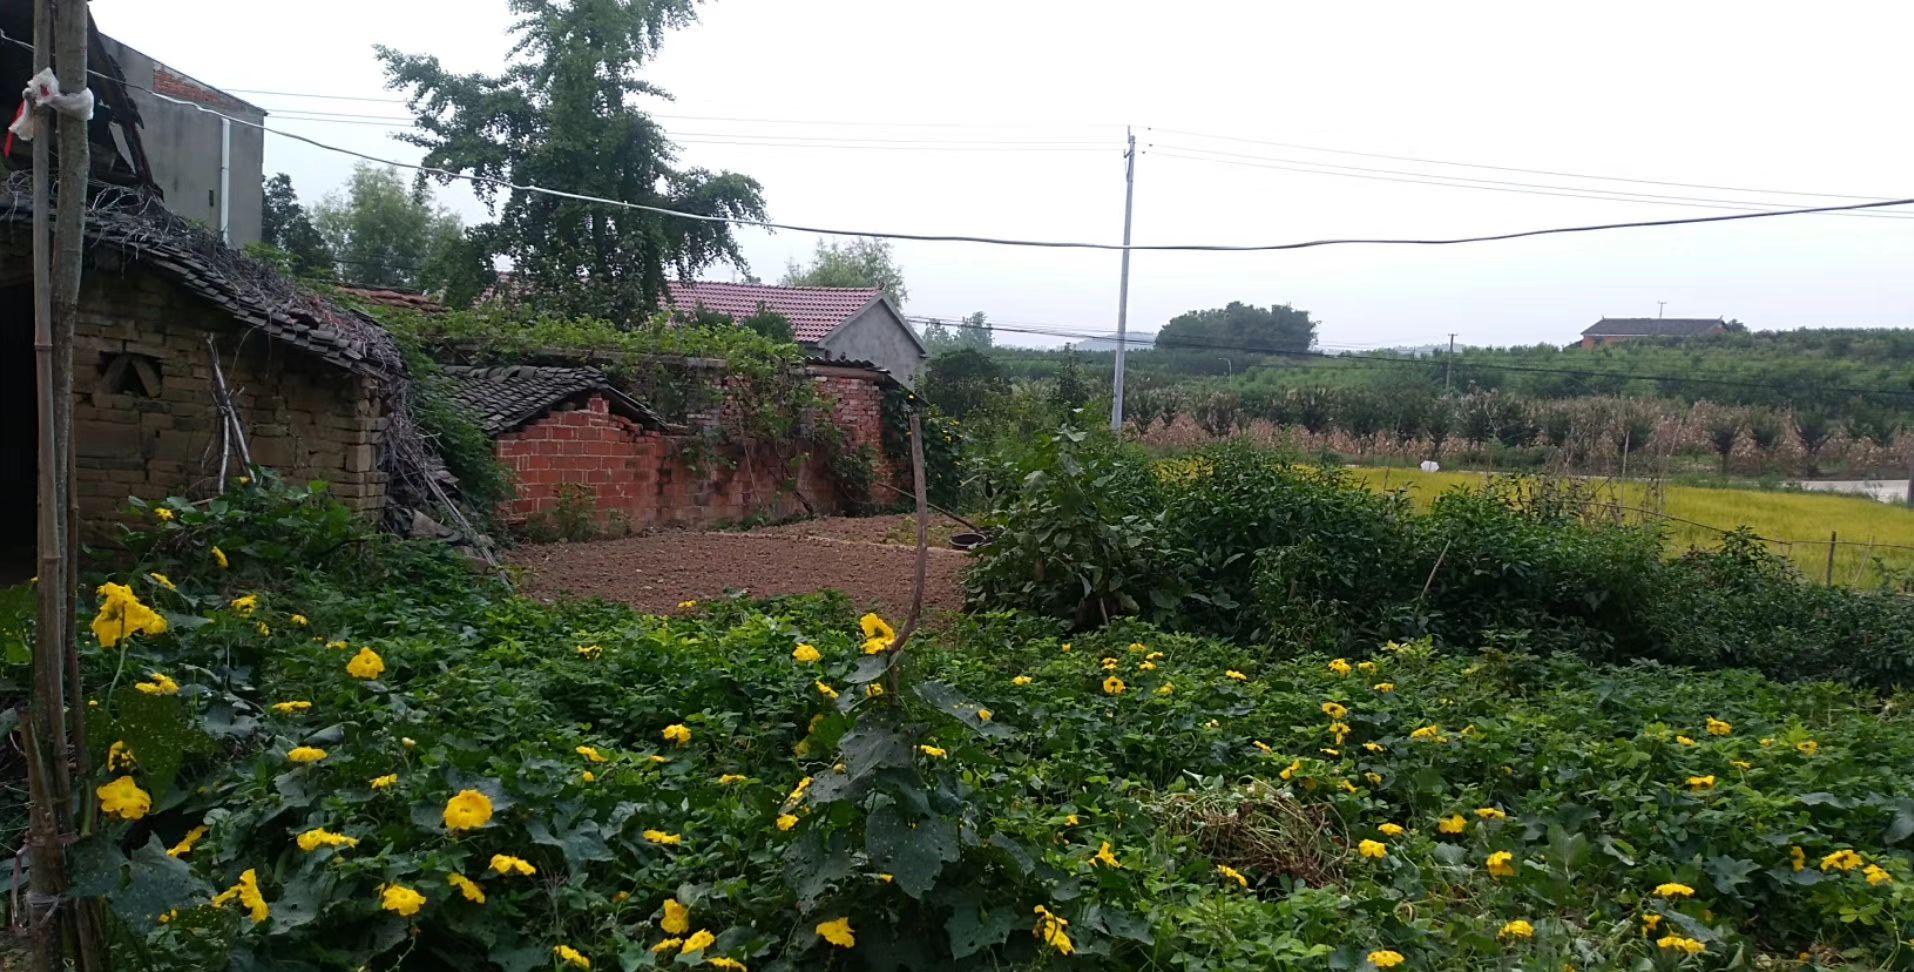 等我们退休了,到村子里,享受这大自然的美!!